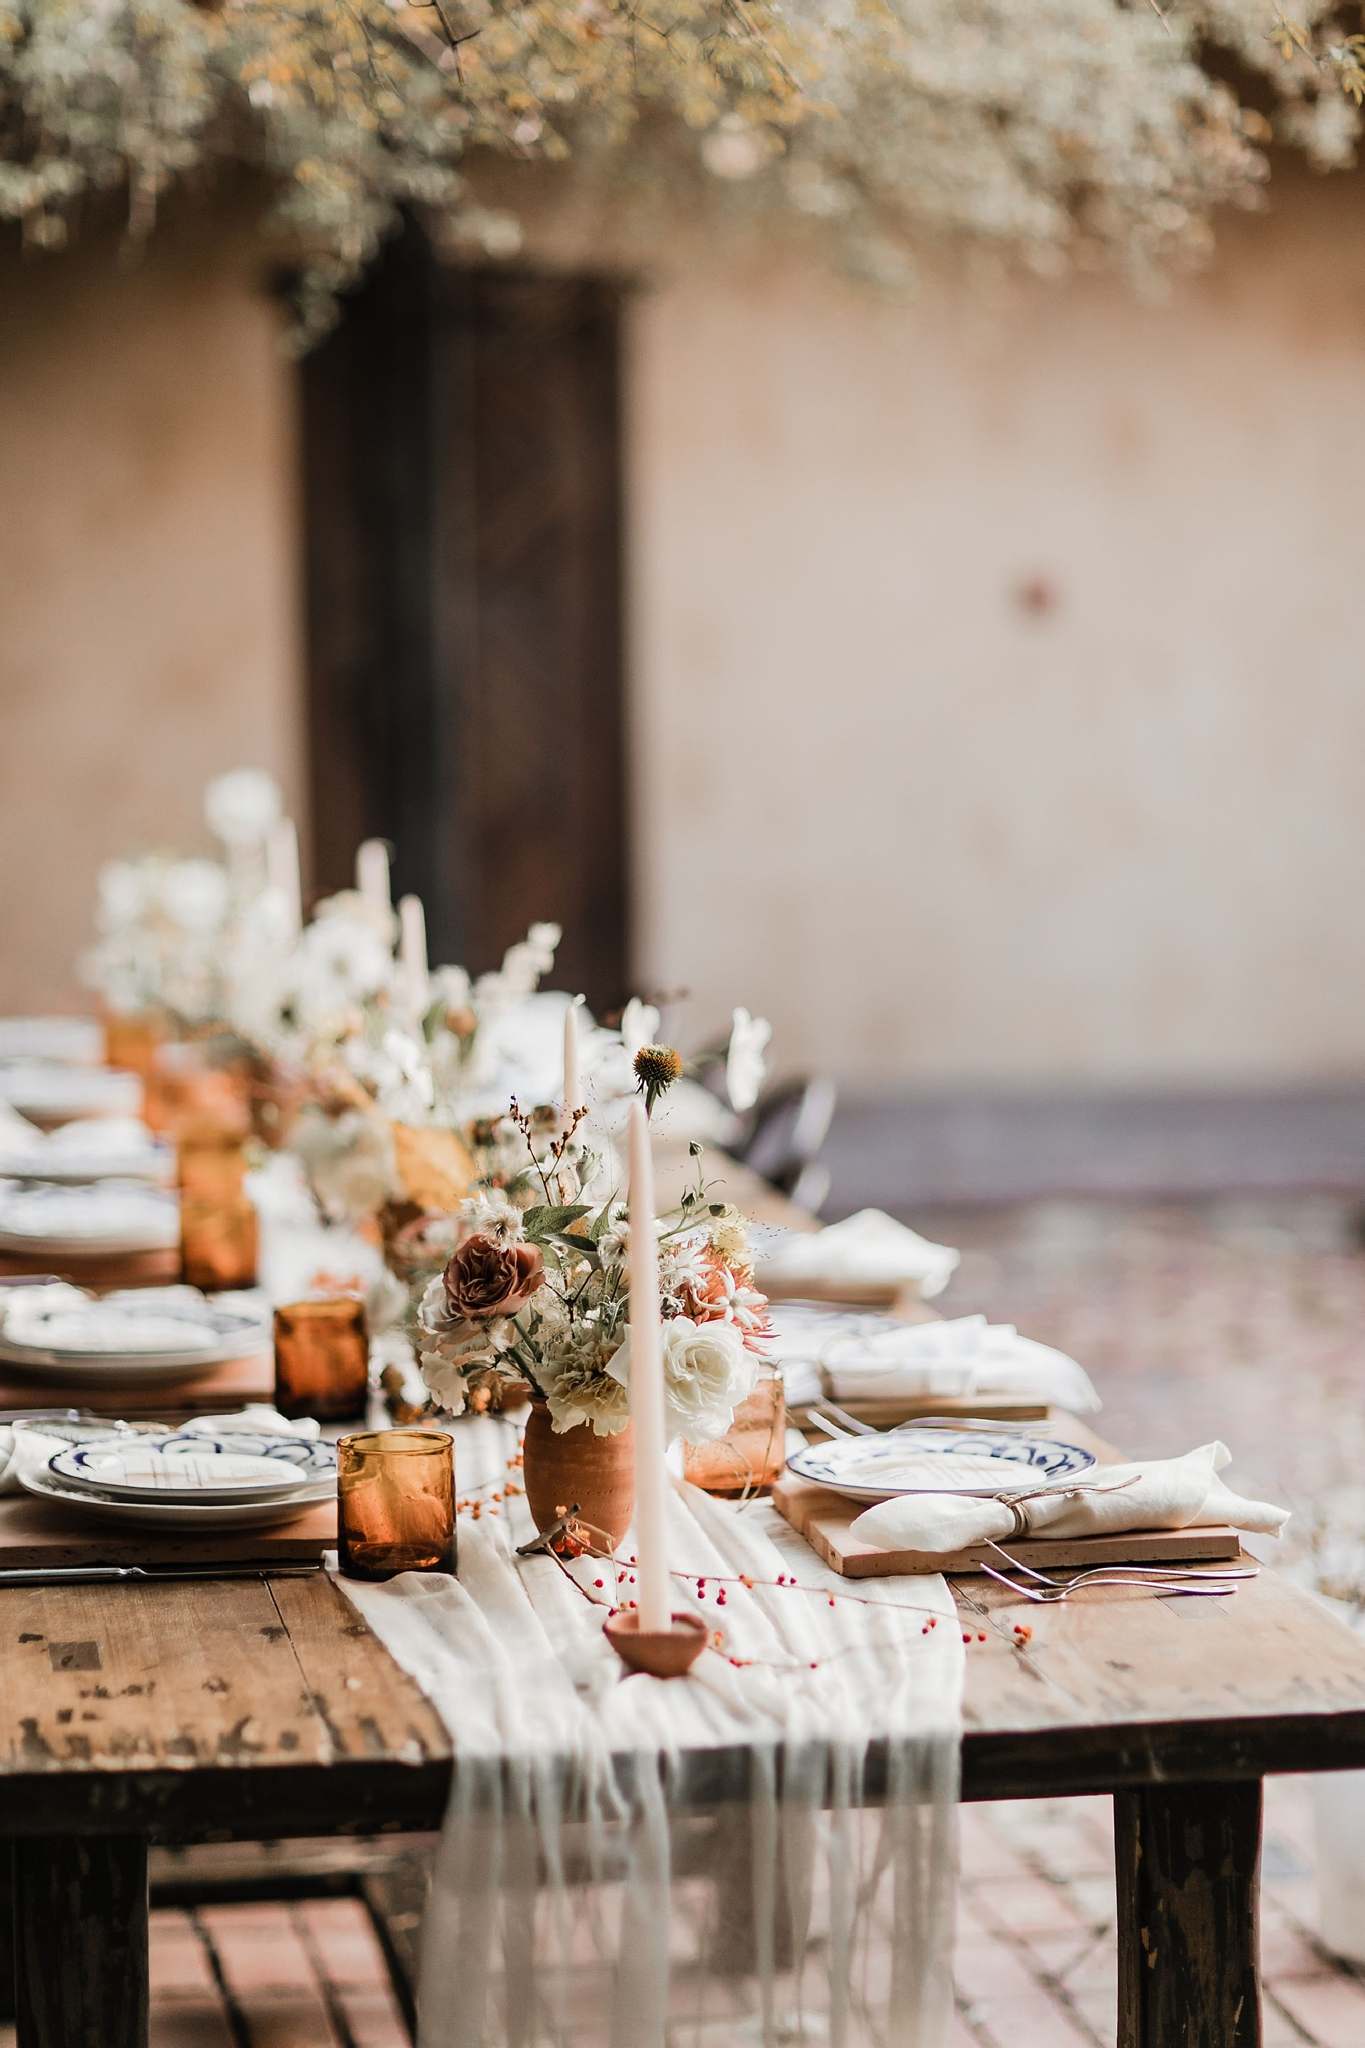 Alicia+lucia+photography+-+albuquerque+wedding+photographer+-+santa+fe+wedding+photography+-+new+mexico+wedding+photographer+-+new+mexico+wedding+-+new+mexico+wedding+-+wedding+planner+-+wedding+rentals+-+new+mexico+wedding+vendor_0005.jpg